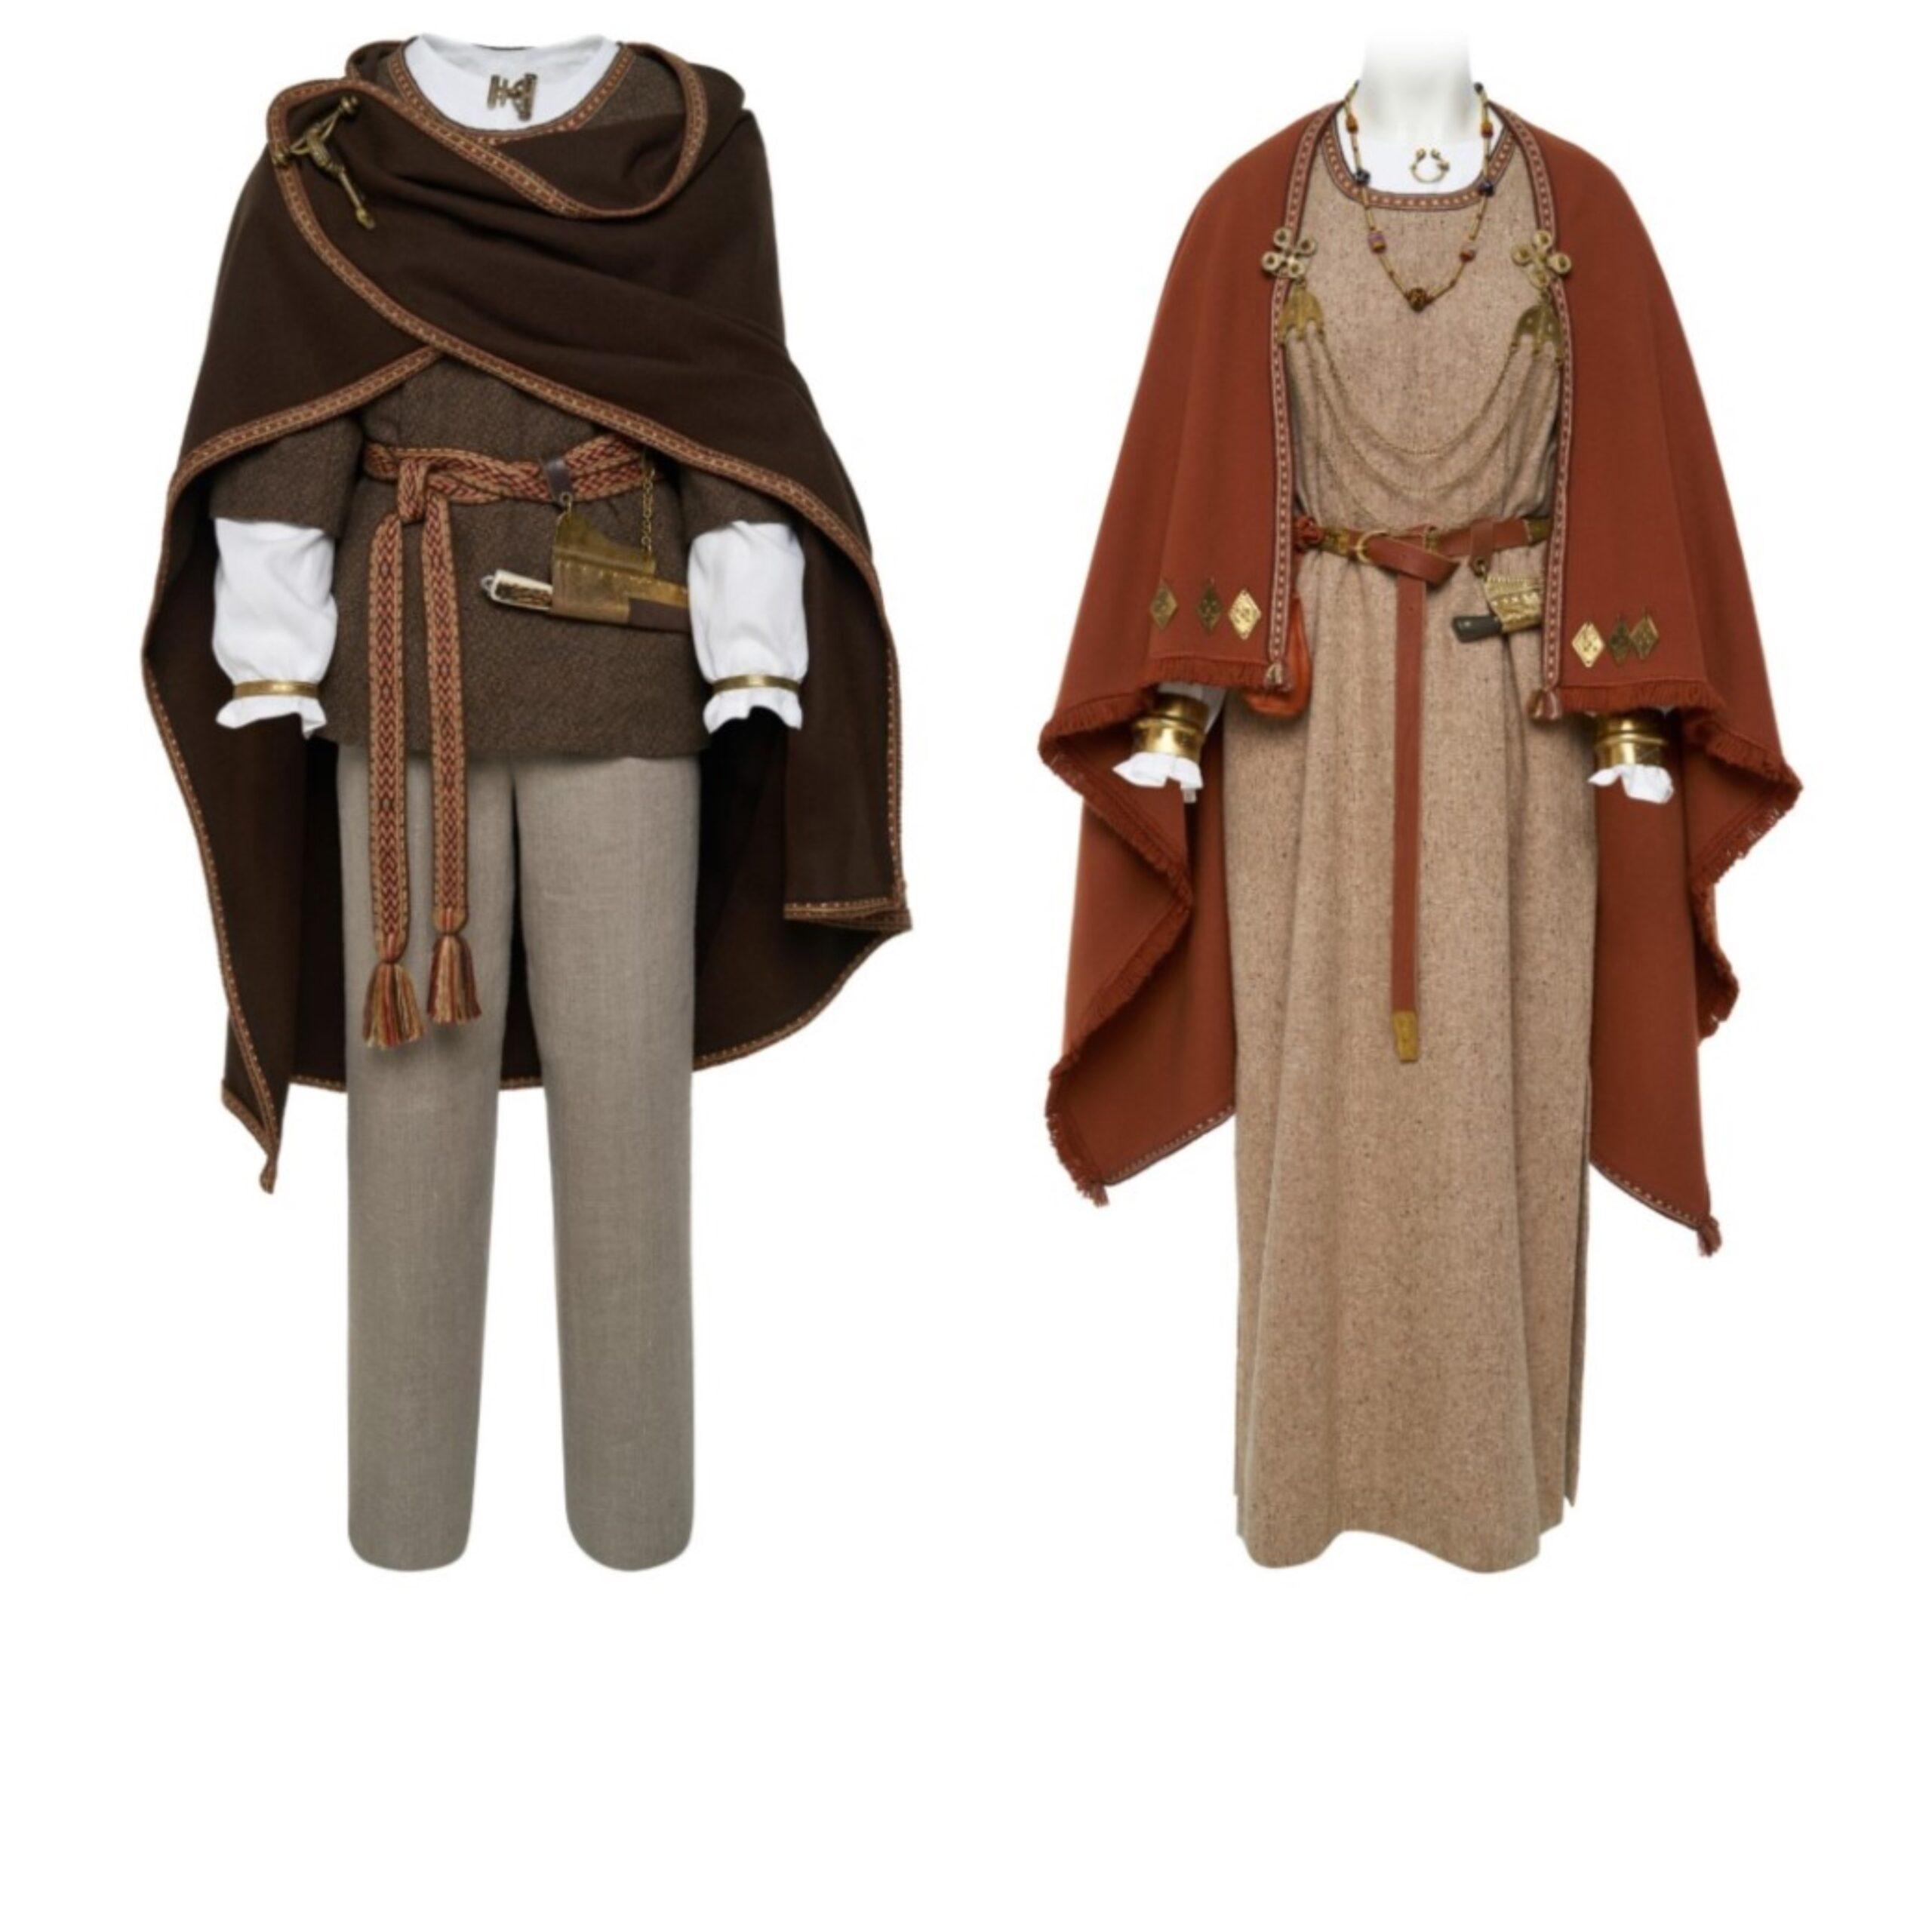 Archeologinis kostiumas ir priedai